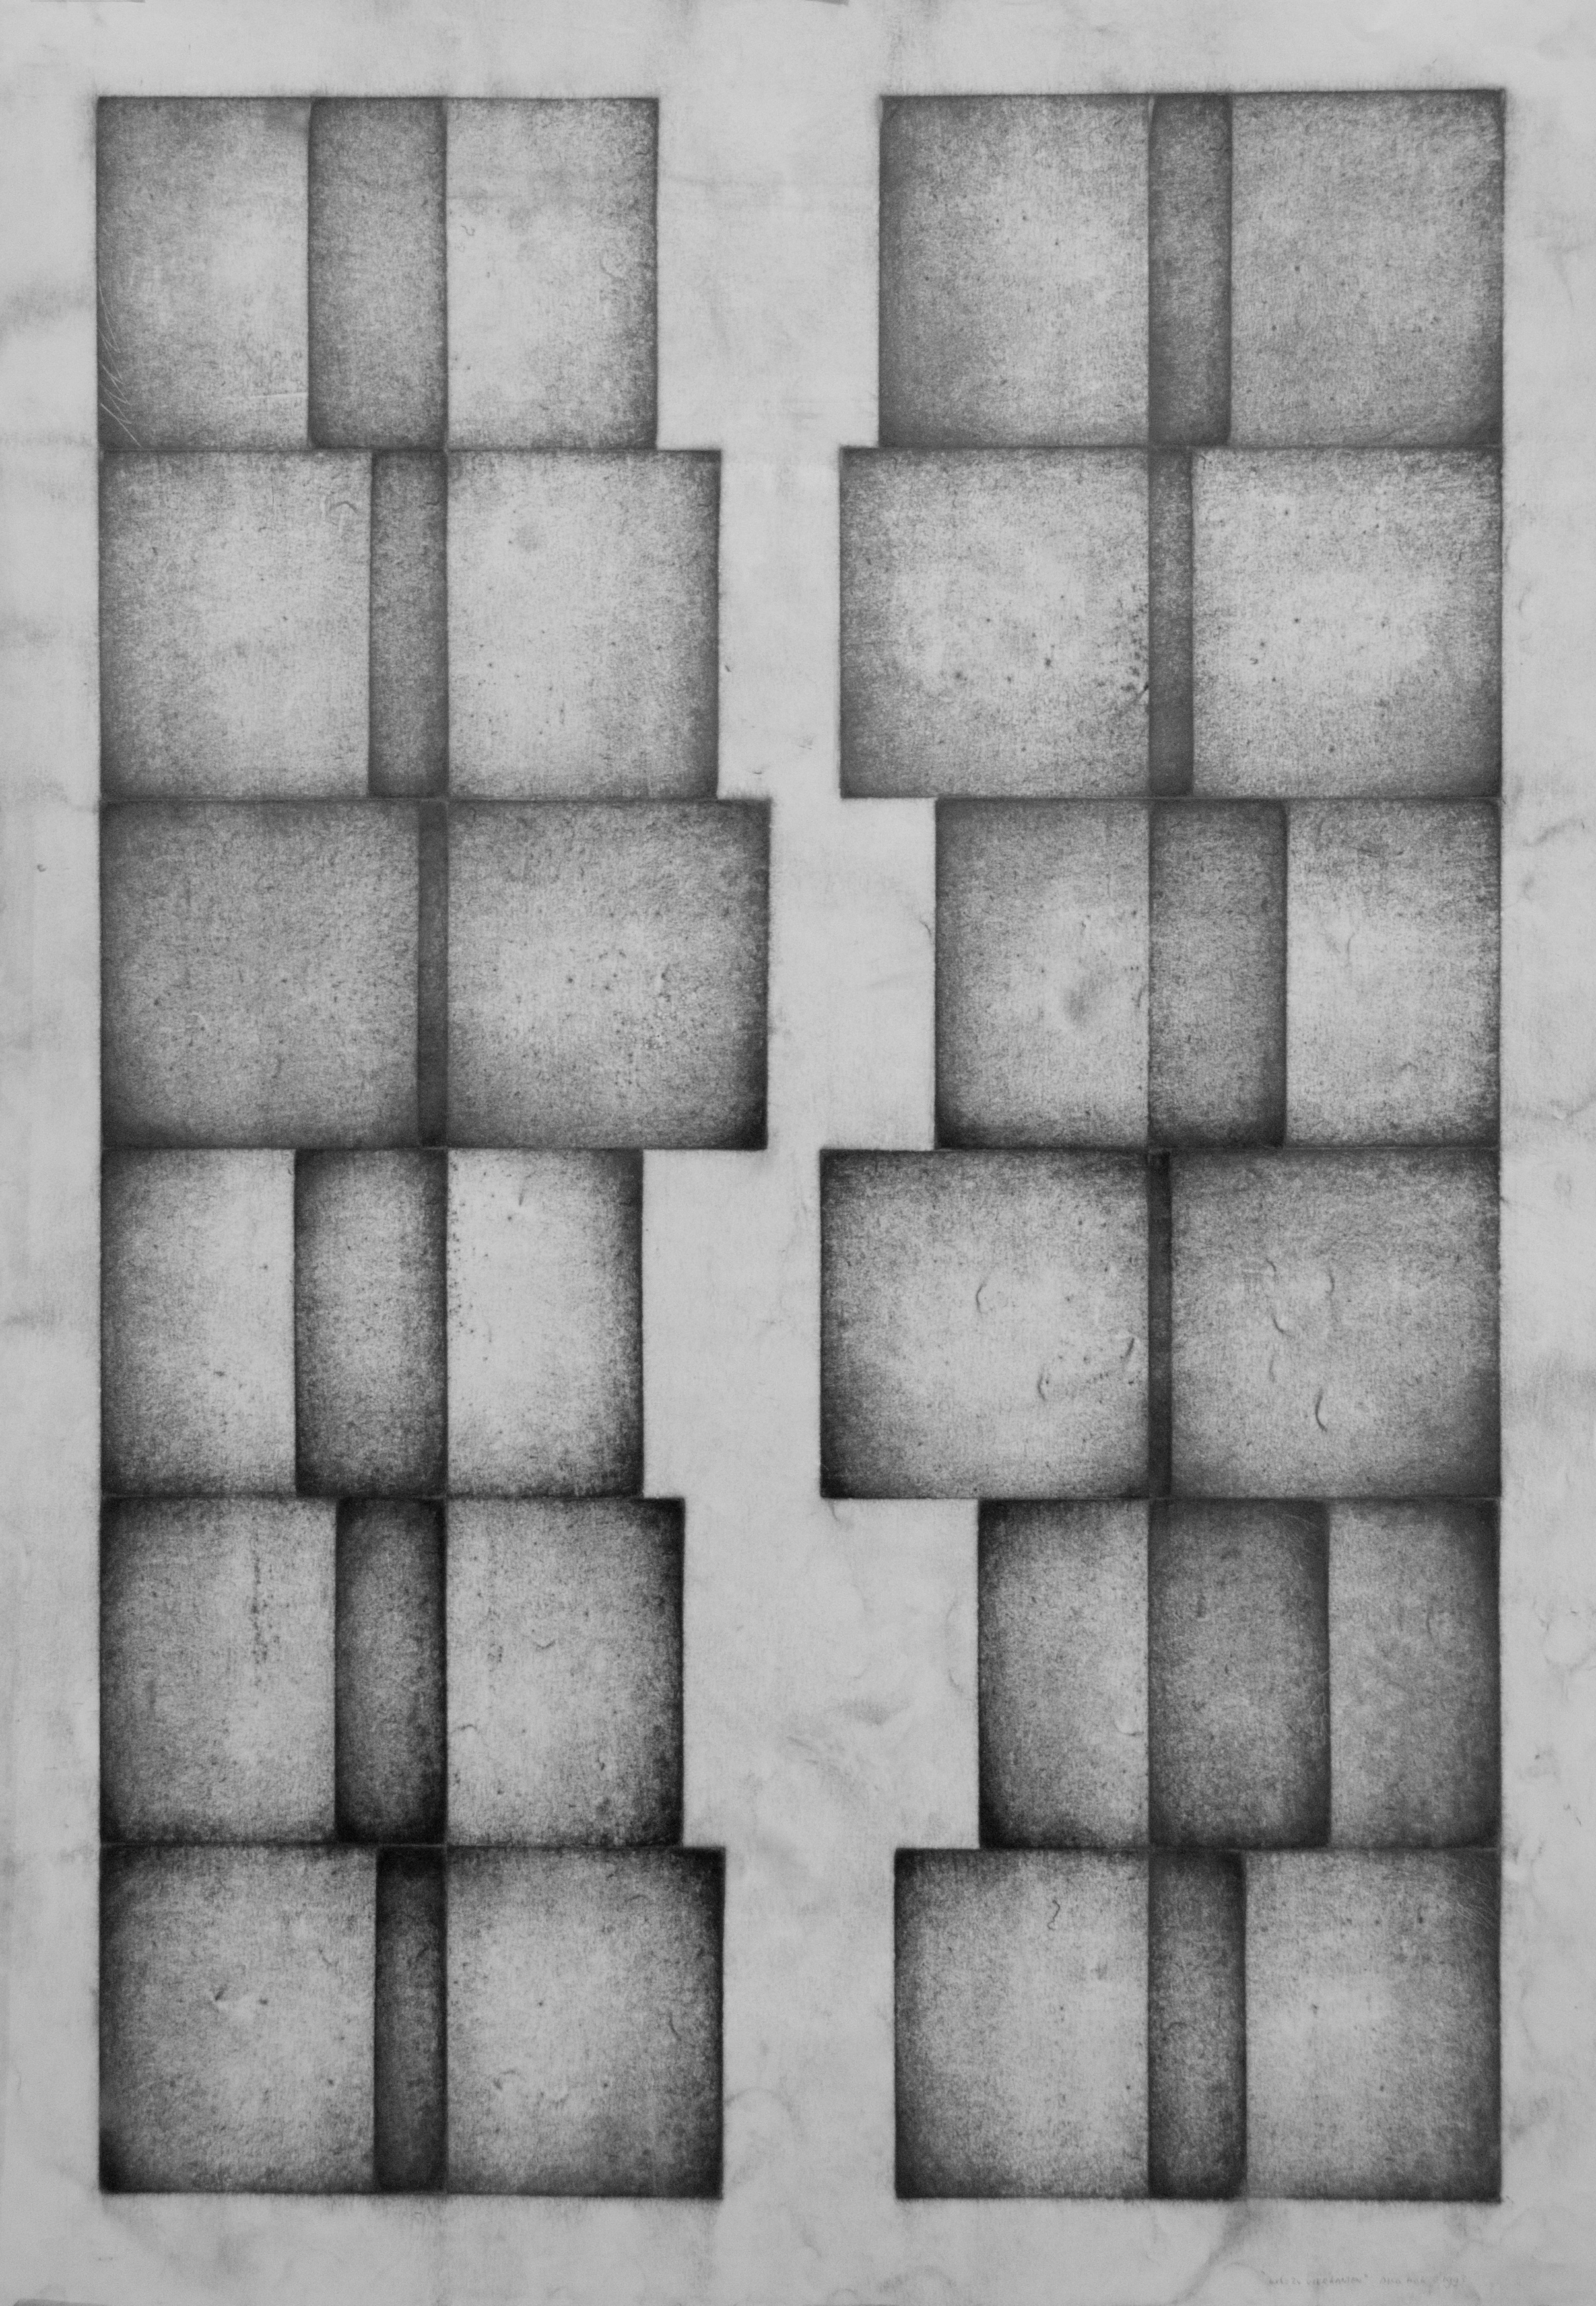 Verschoven vierkanten